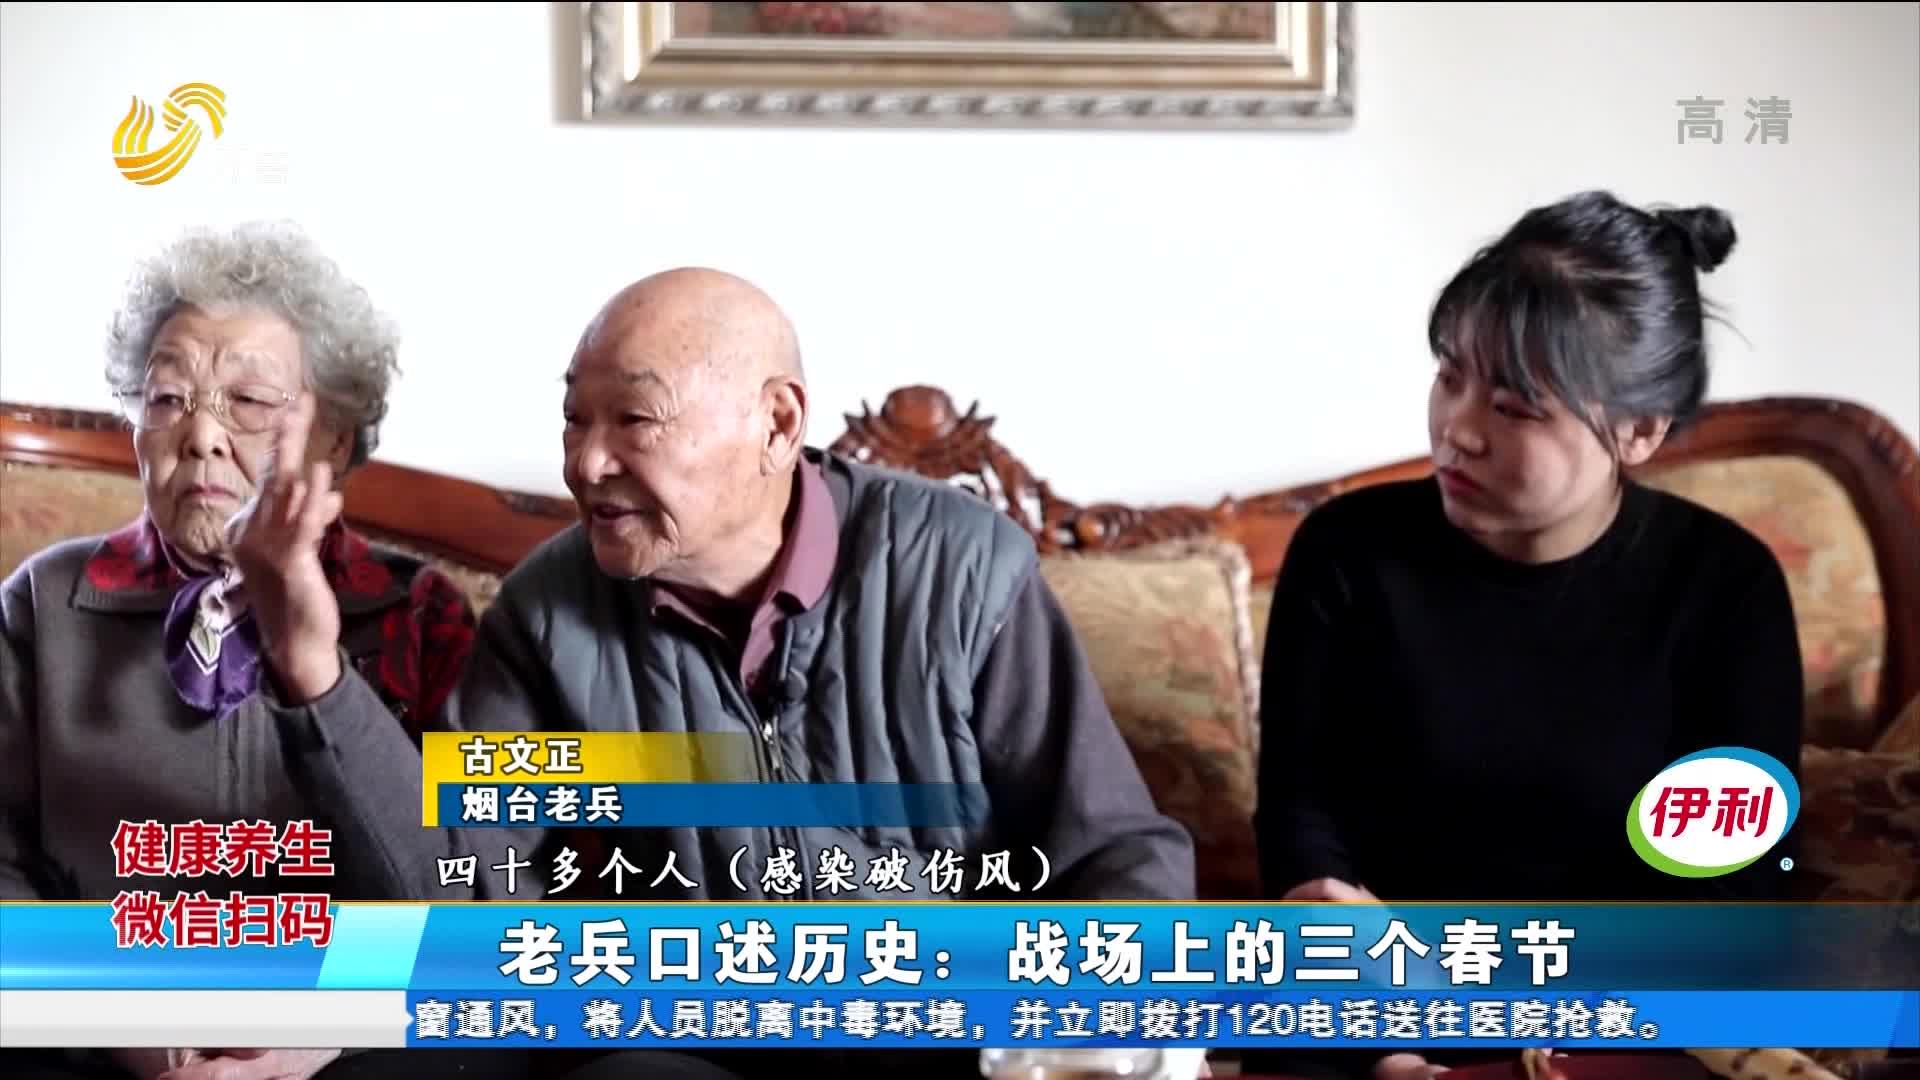 老兵口述历史:战场上的三个春节